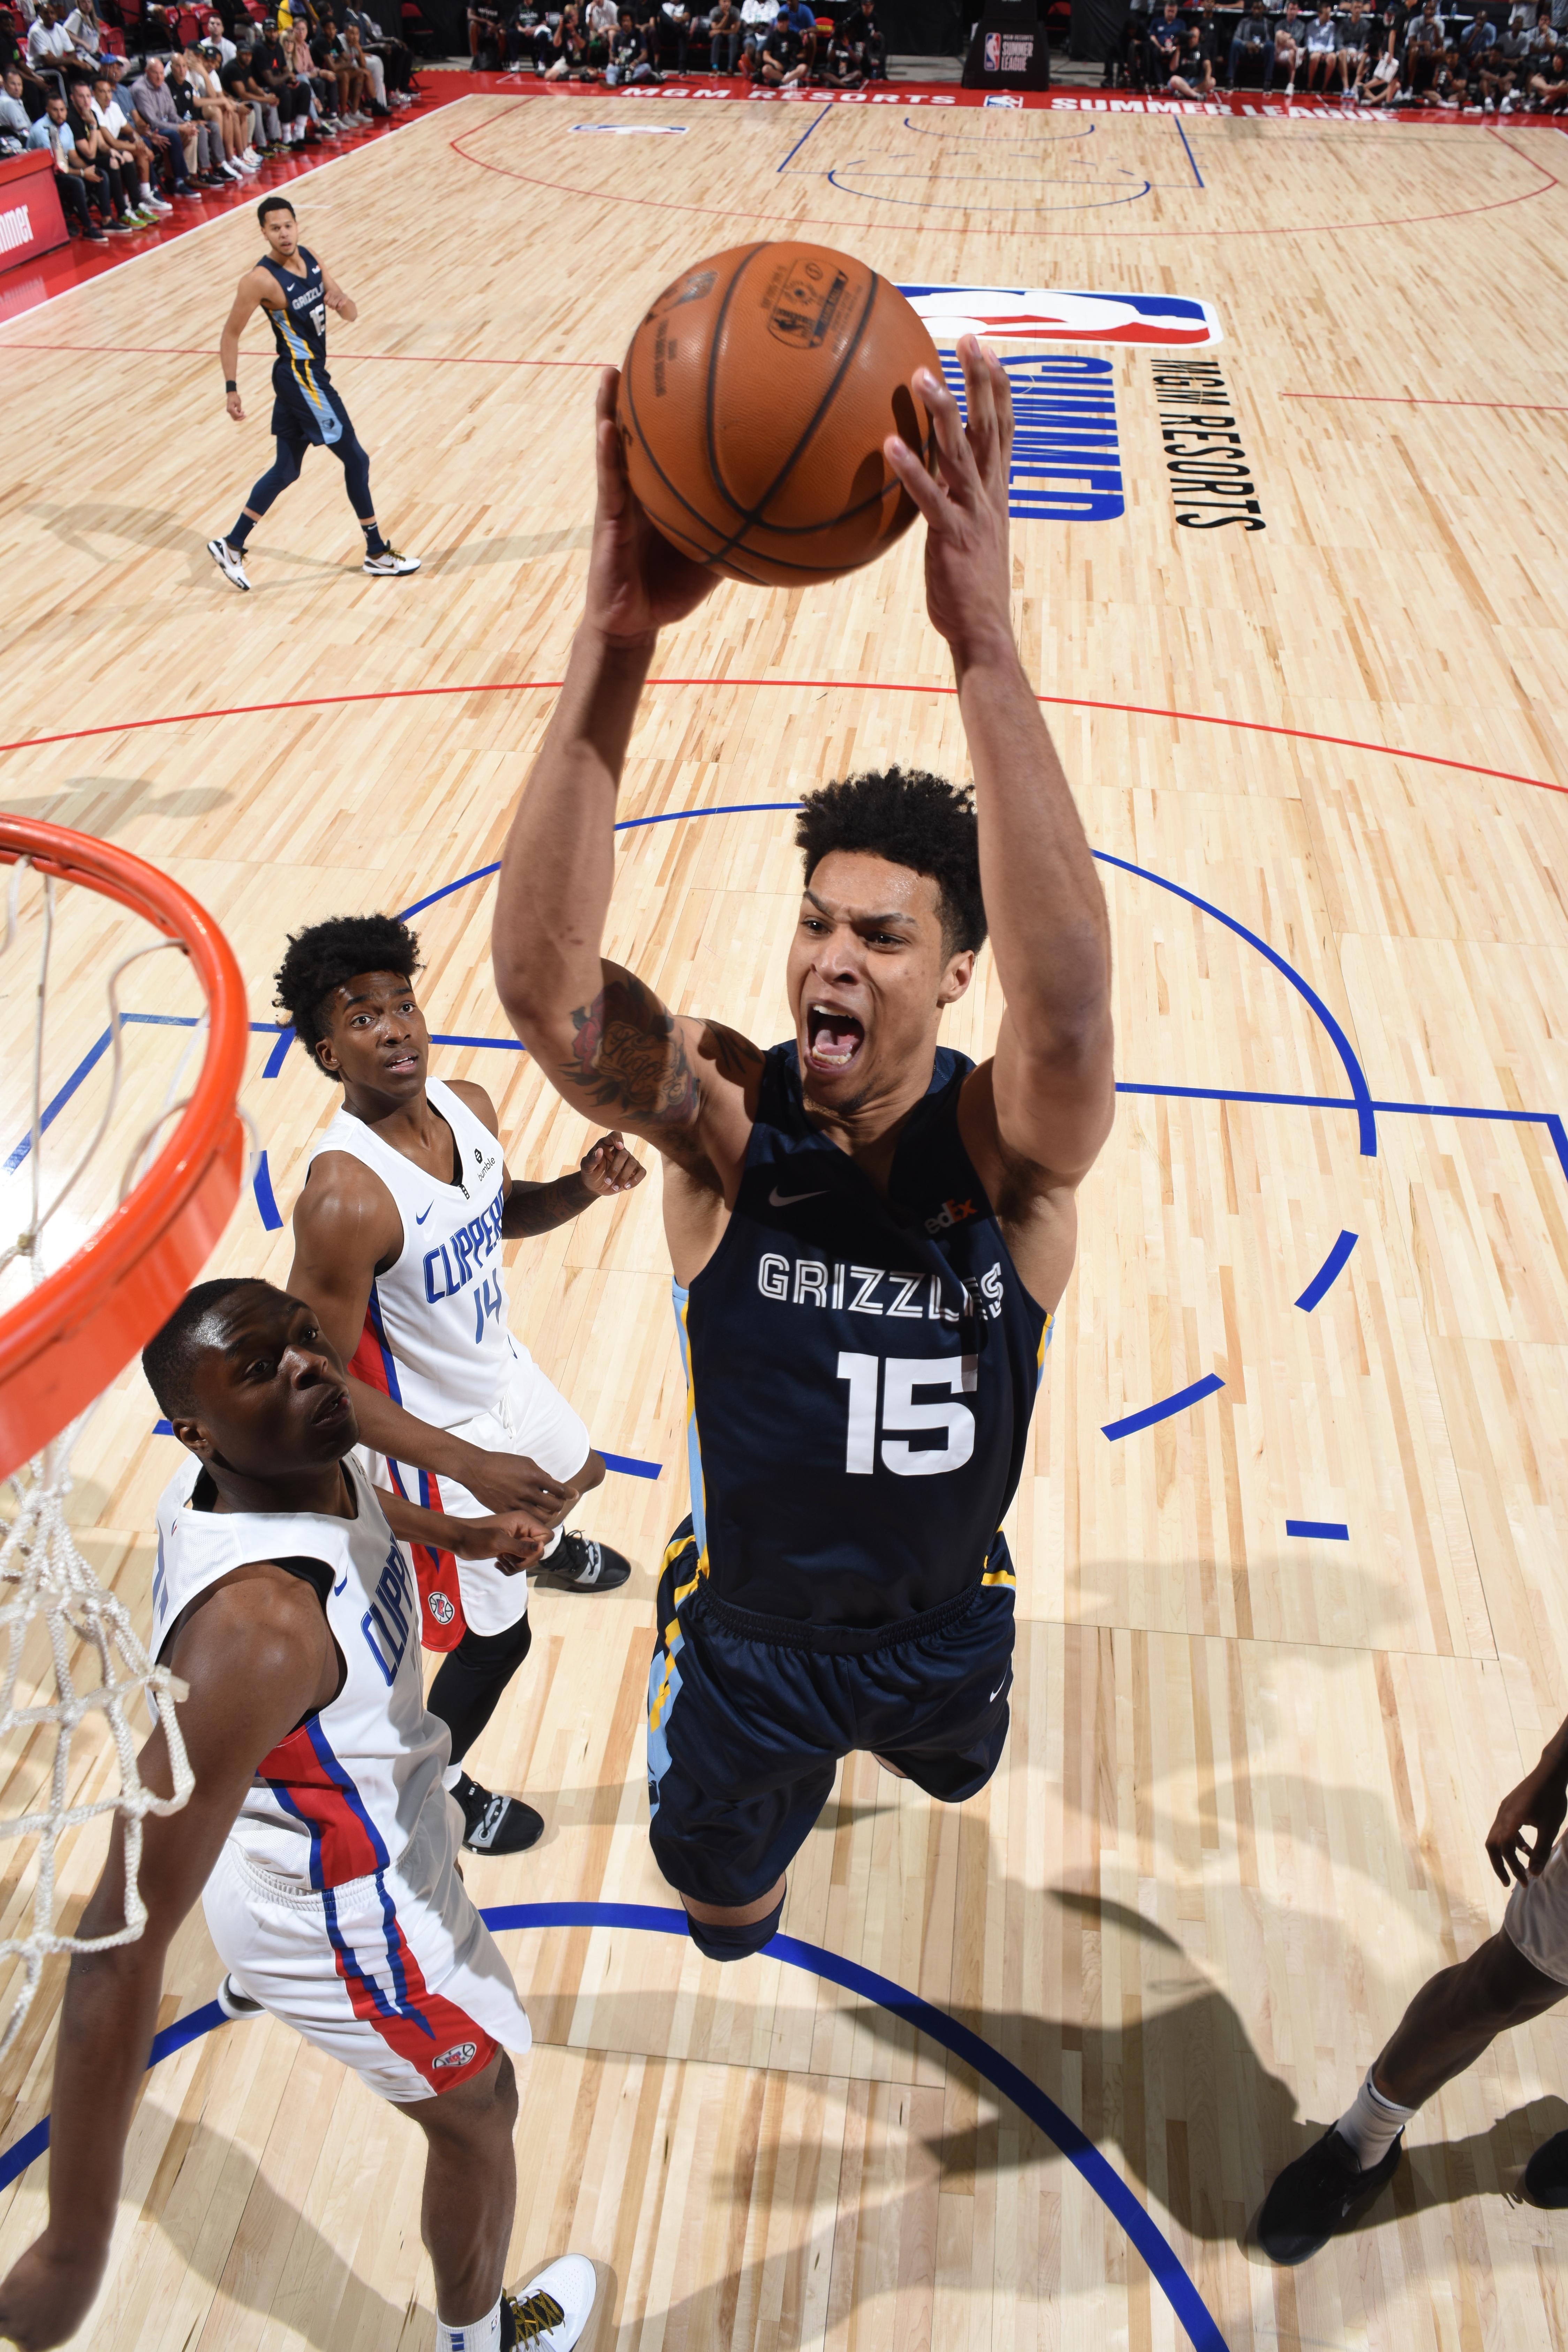 2019 Las Vegas Summer League - Day 3 - Memphis Grizzlies v LA Clippers